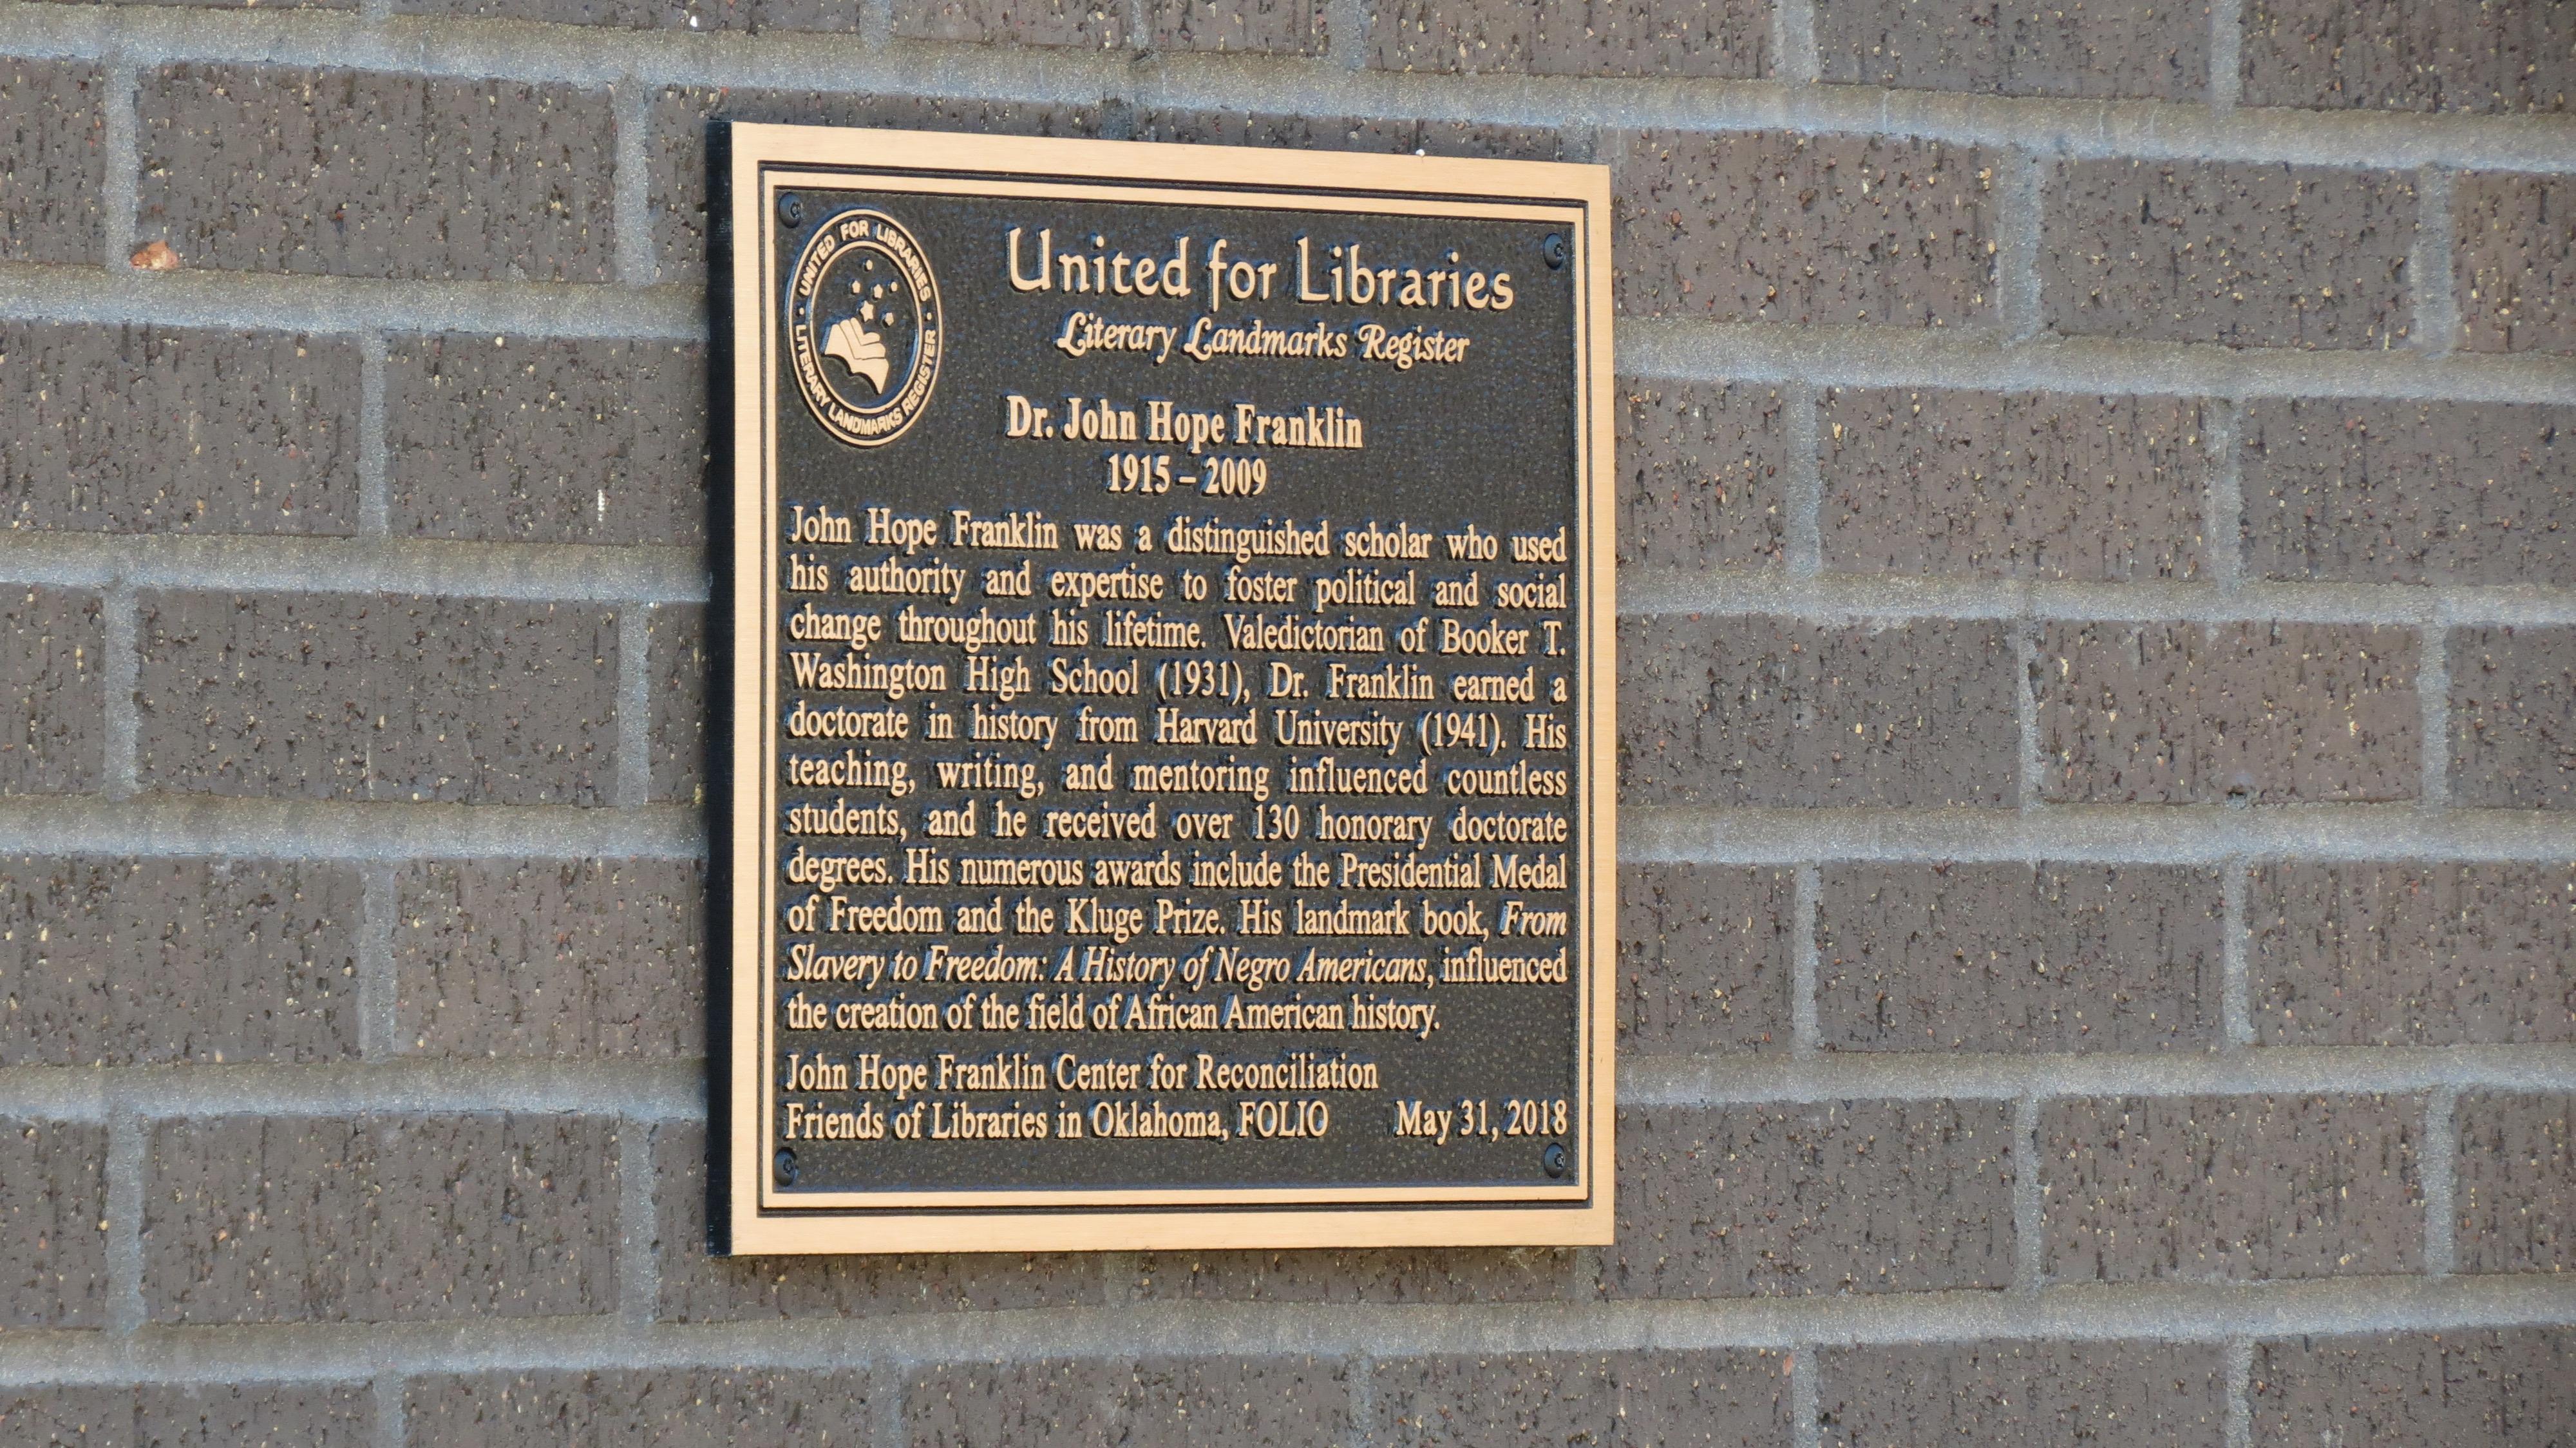 Literary Landmark Register Plaque